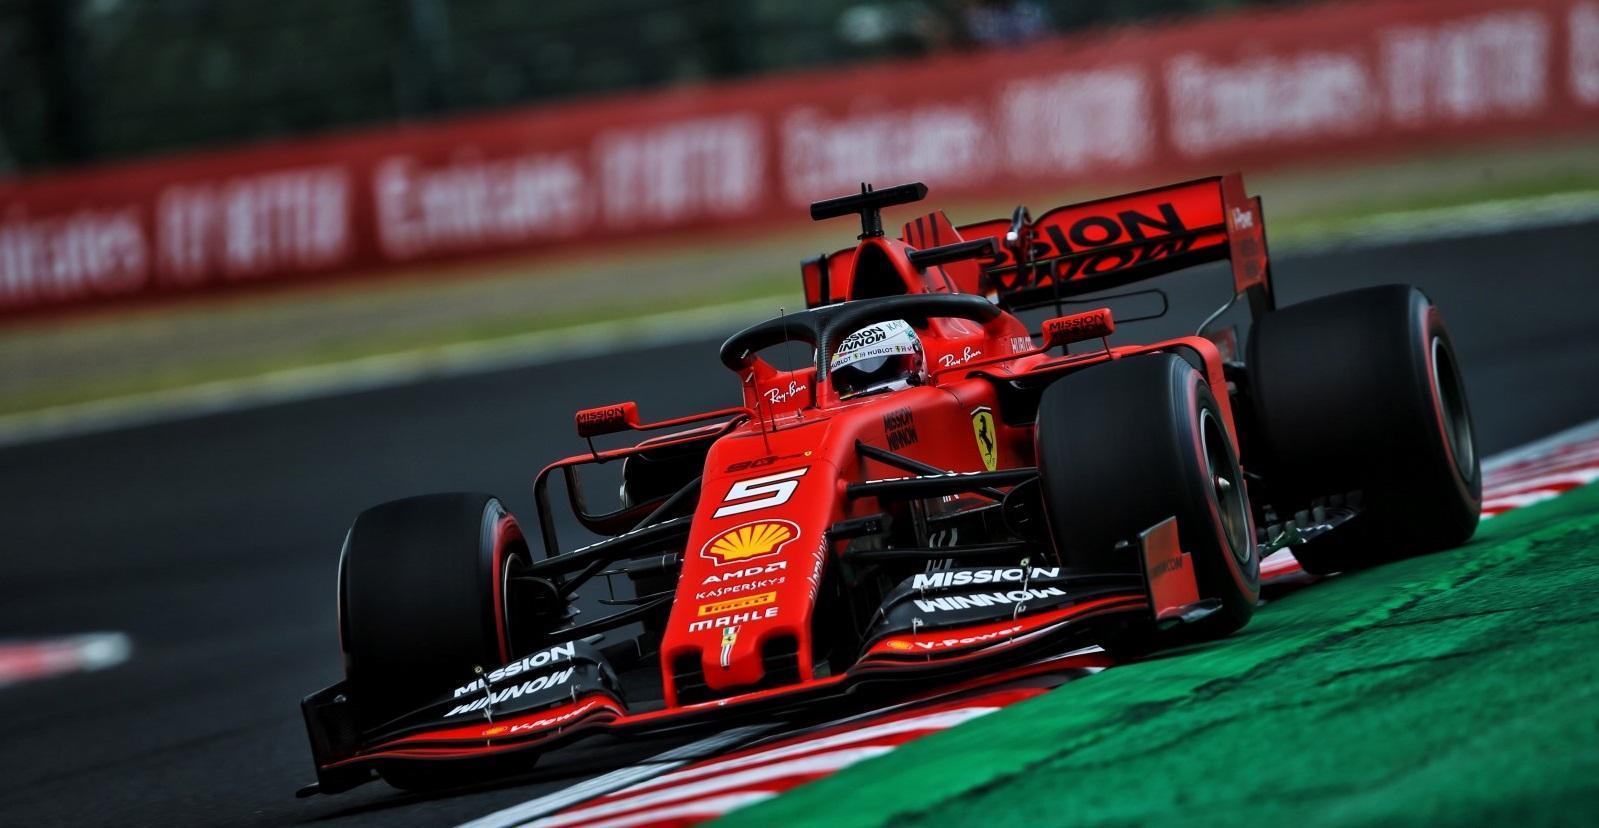 Analisi GP del Giappone: Scuderia Ferrari